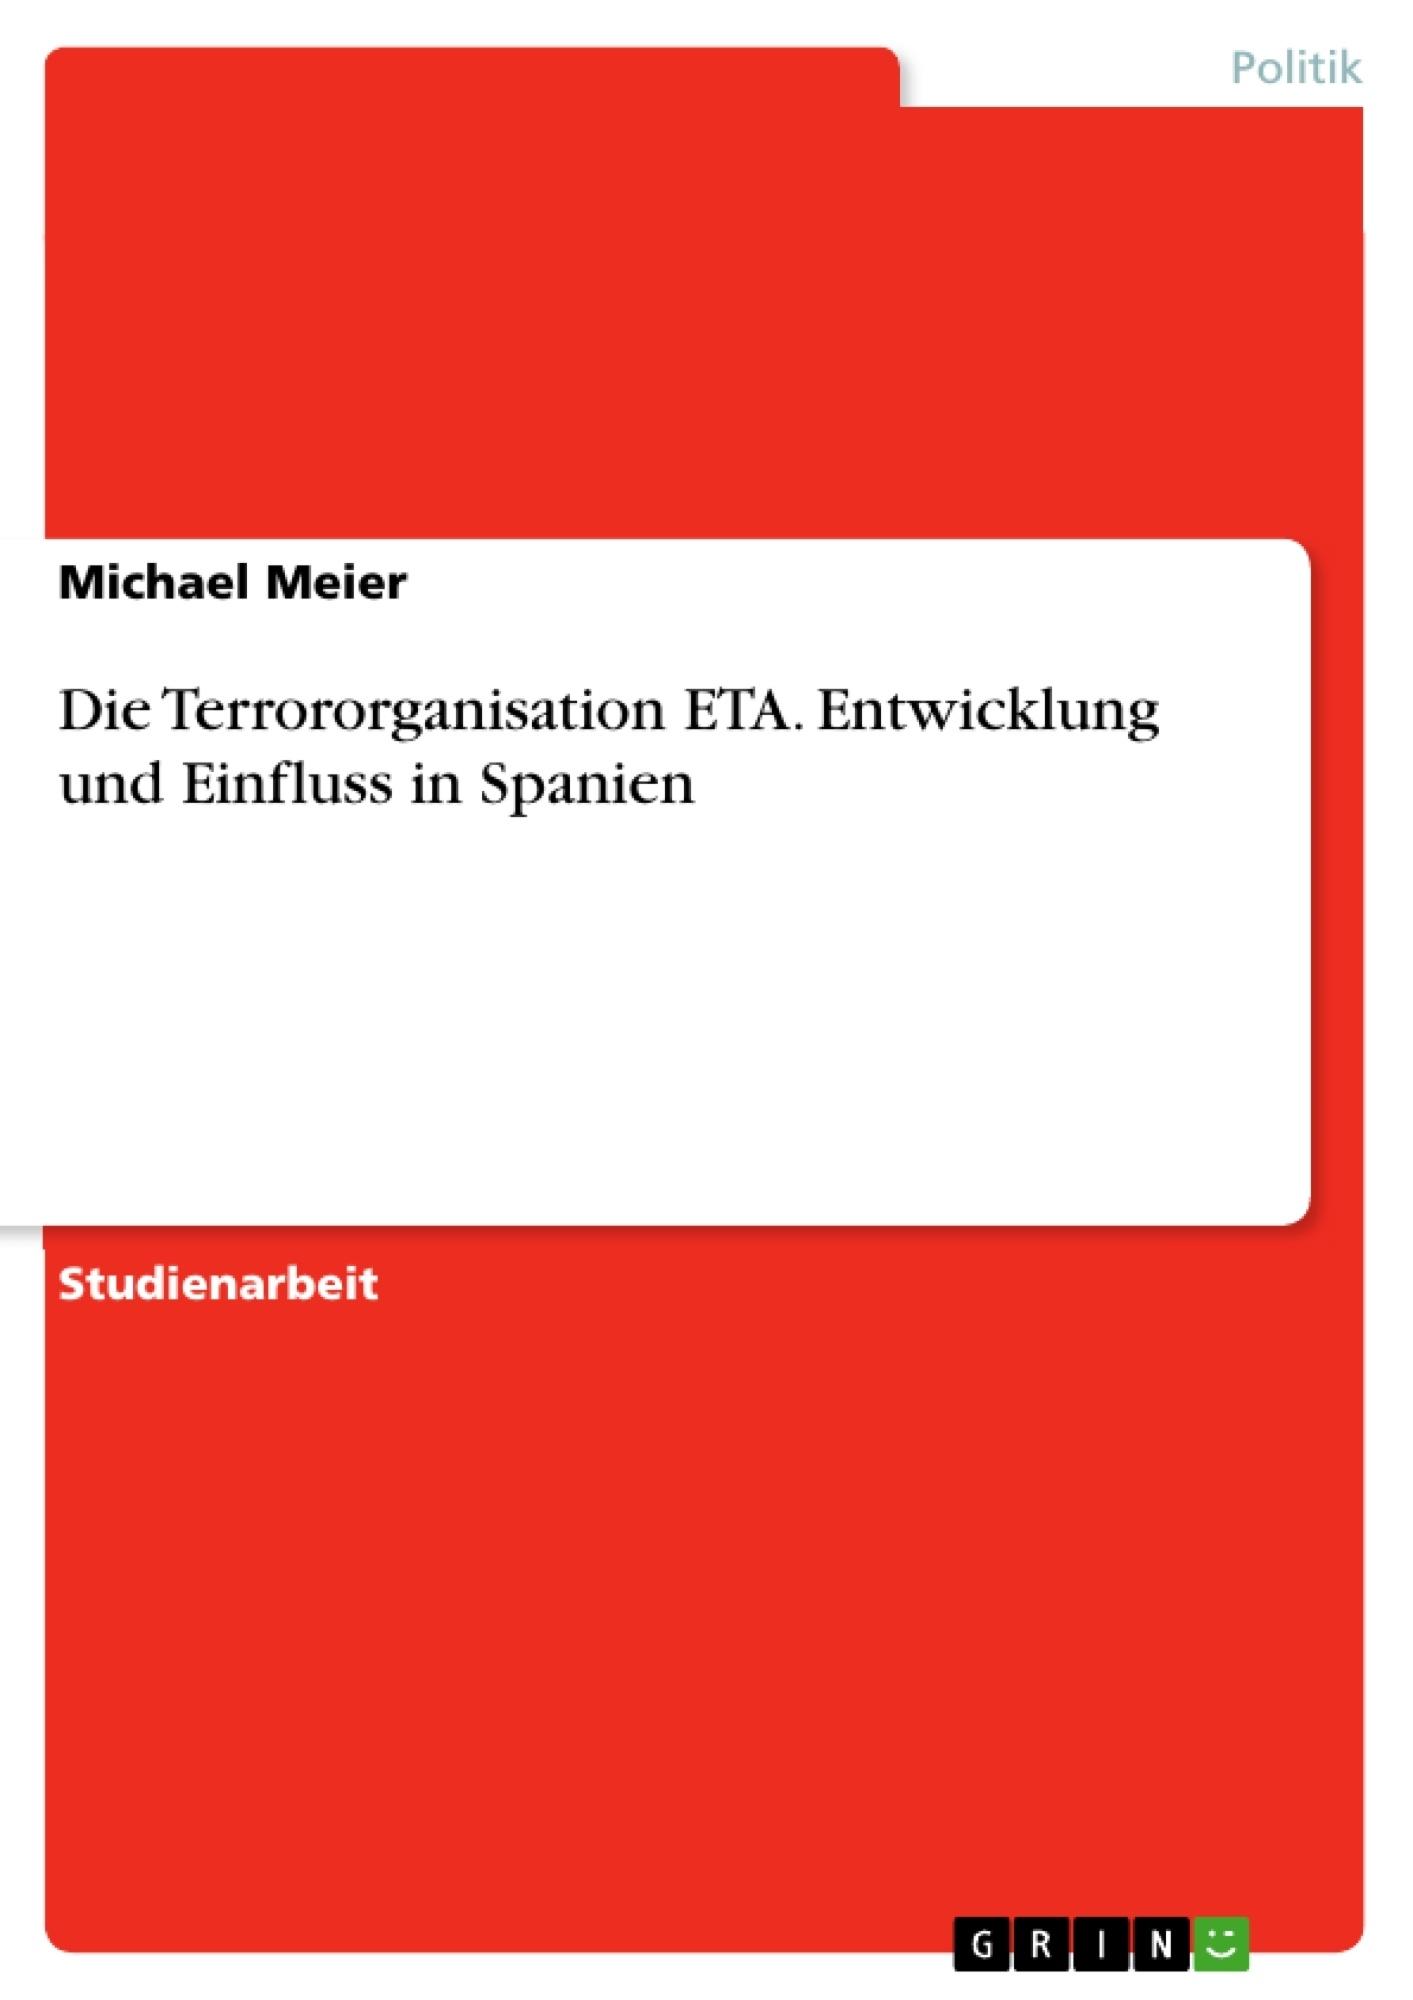 Titel: Die Terrororganisation ETA. Entwicklung und Einfluss in Spanien